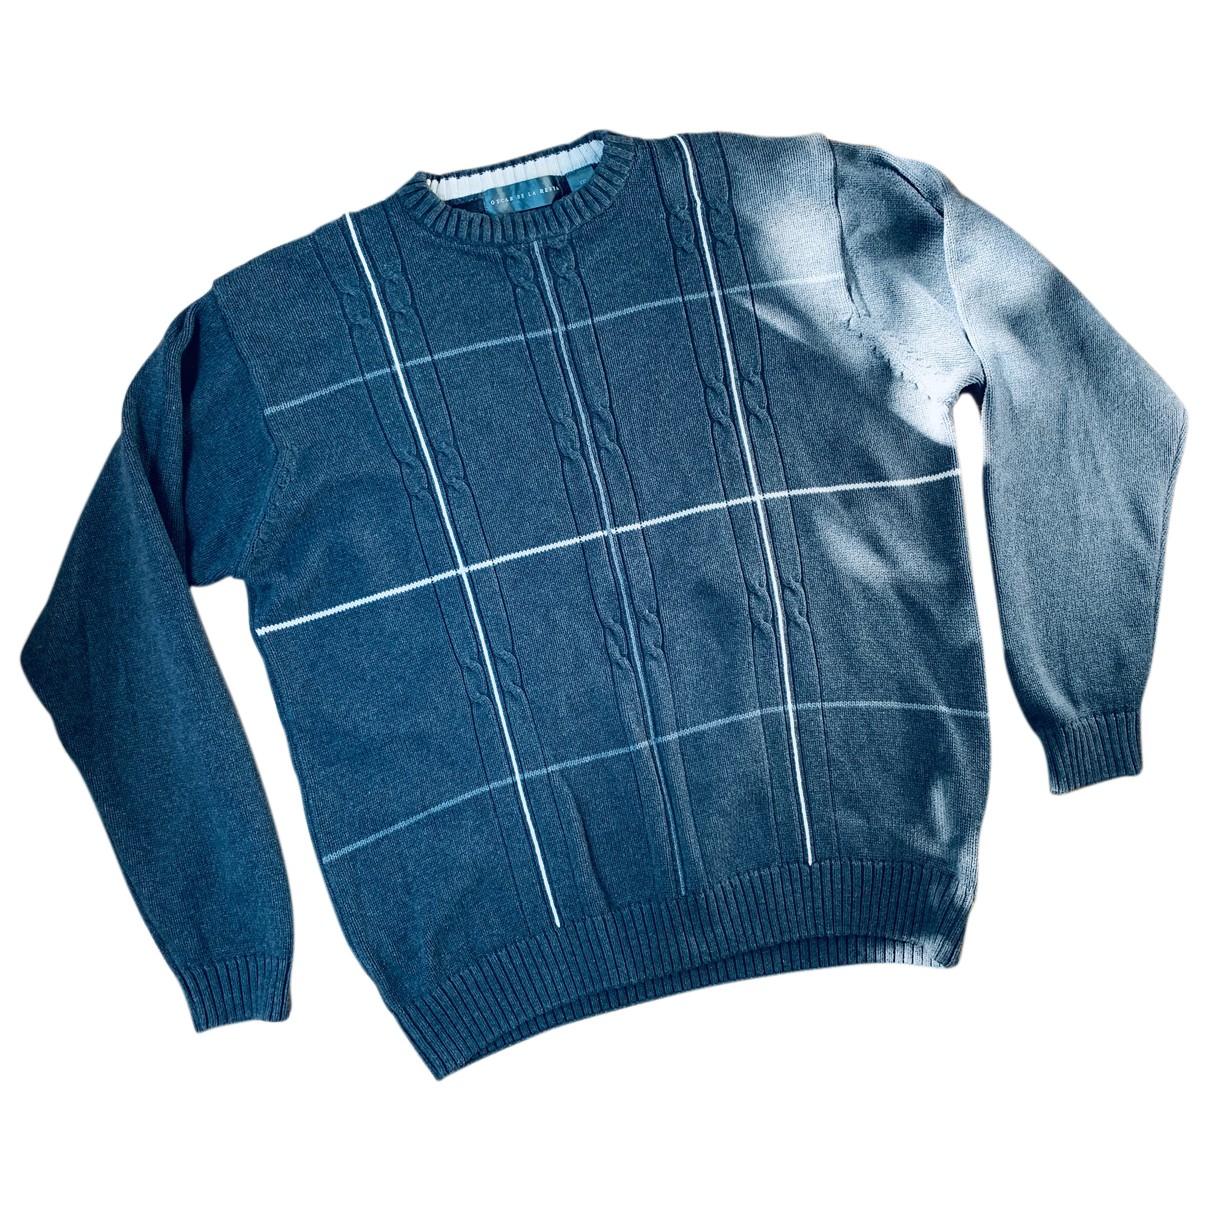 Oscar De La Renta N Grey Cotton Knitwear & Sweatshirts for Men 52 IT